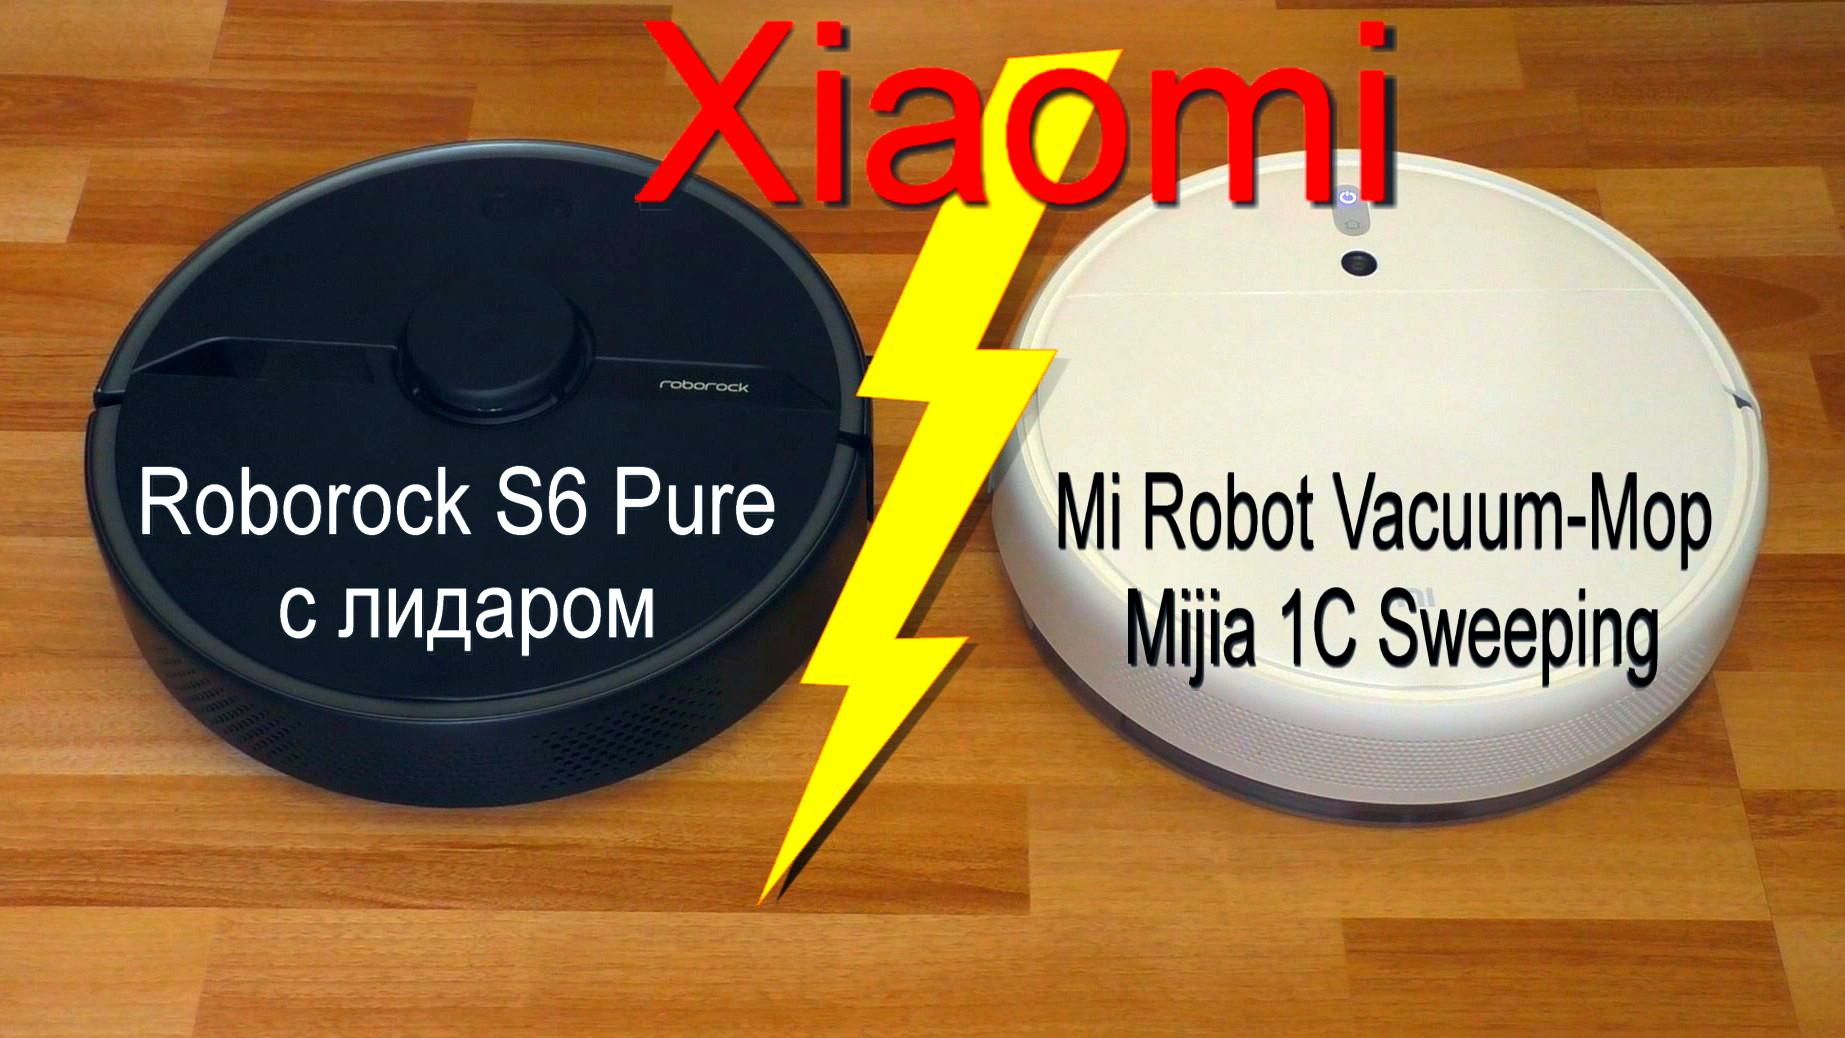 Обзор на роботы-пылесосы Xiaomi: Mi Robot Vacuum-Mop SKV4093GL Mijia 1C Sweeping и Roborock S6 Pure с лидаром